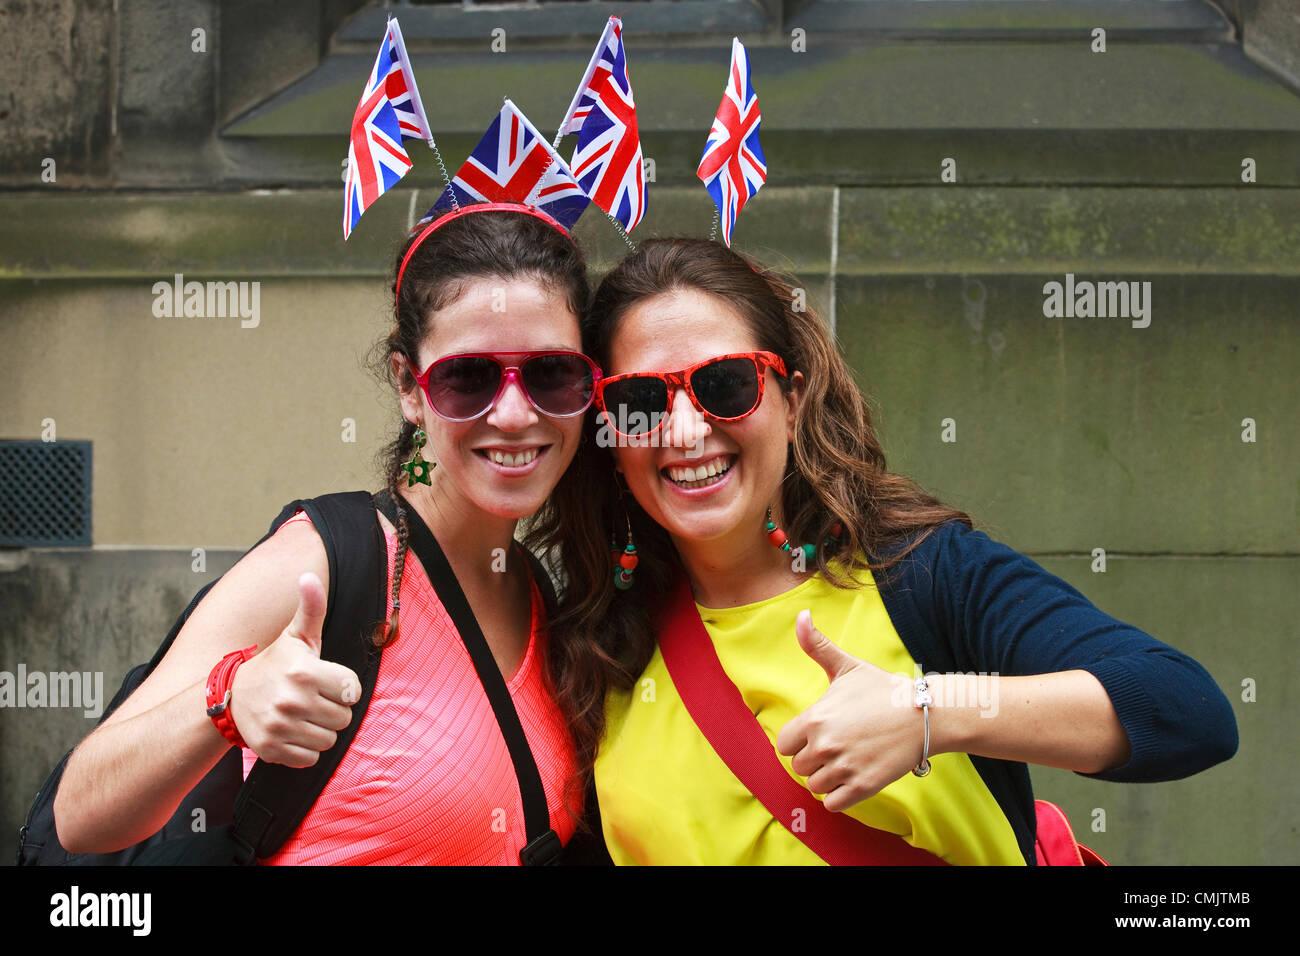 18 de agosto de 2012 Noemí Honoz y Raquel Sánchez, dos chicas españolas, de vacaciones en Edimburgo, Imagen De Stock